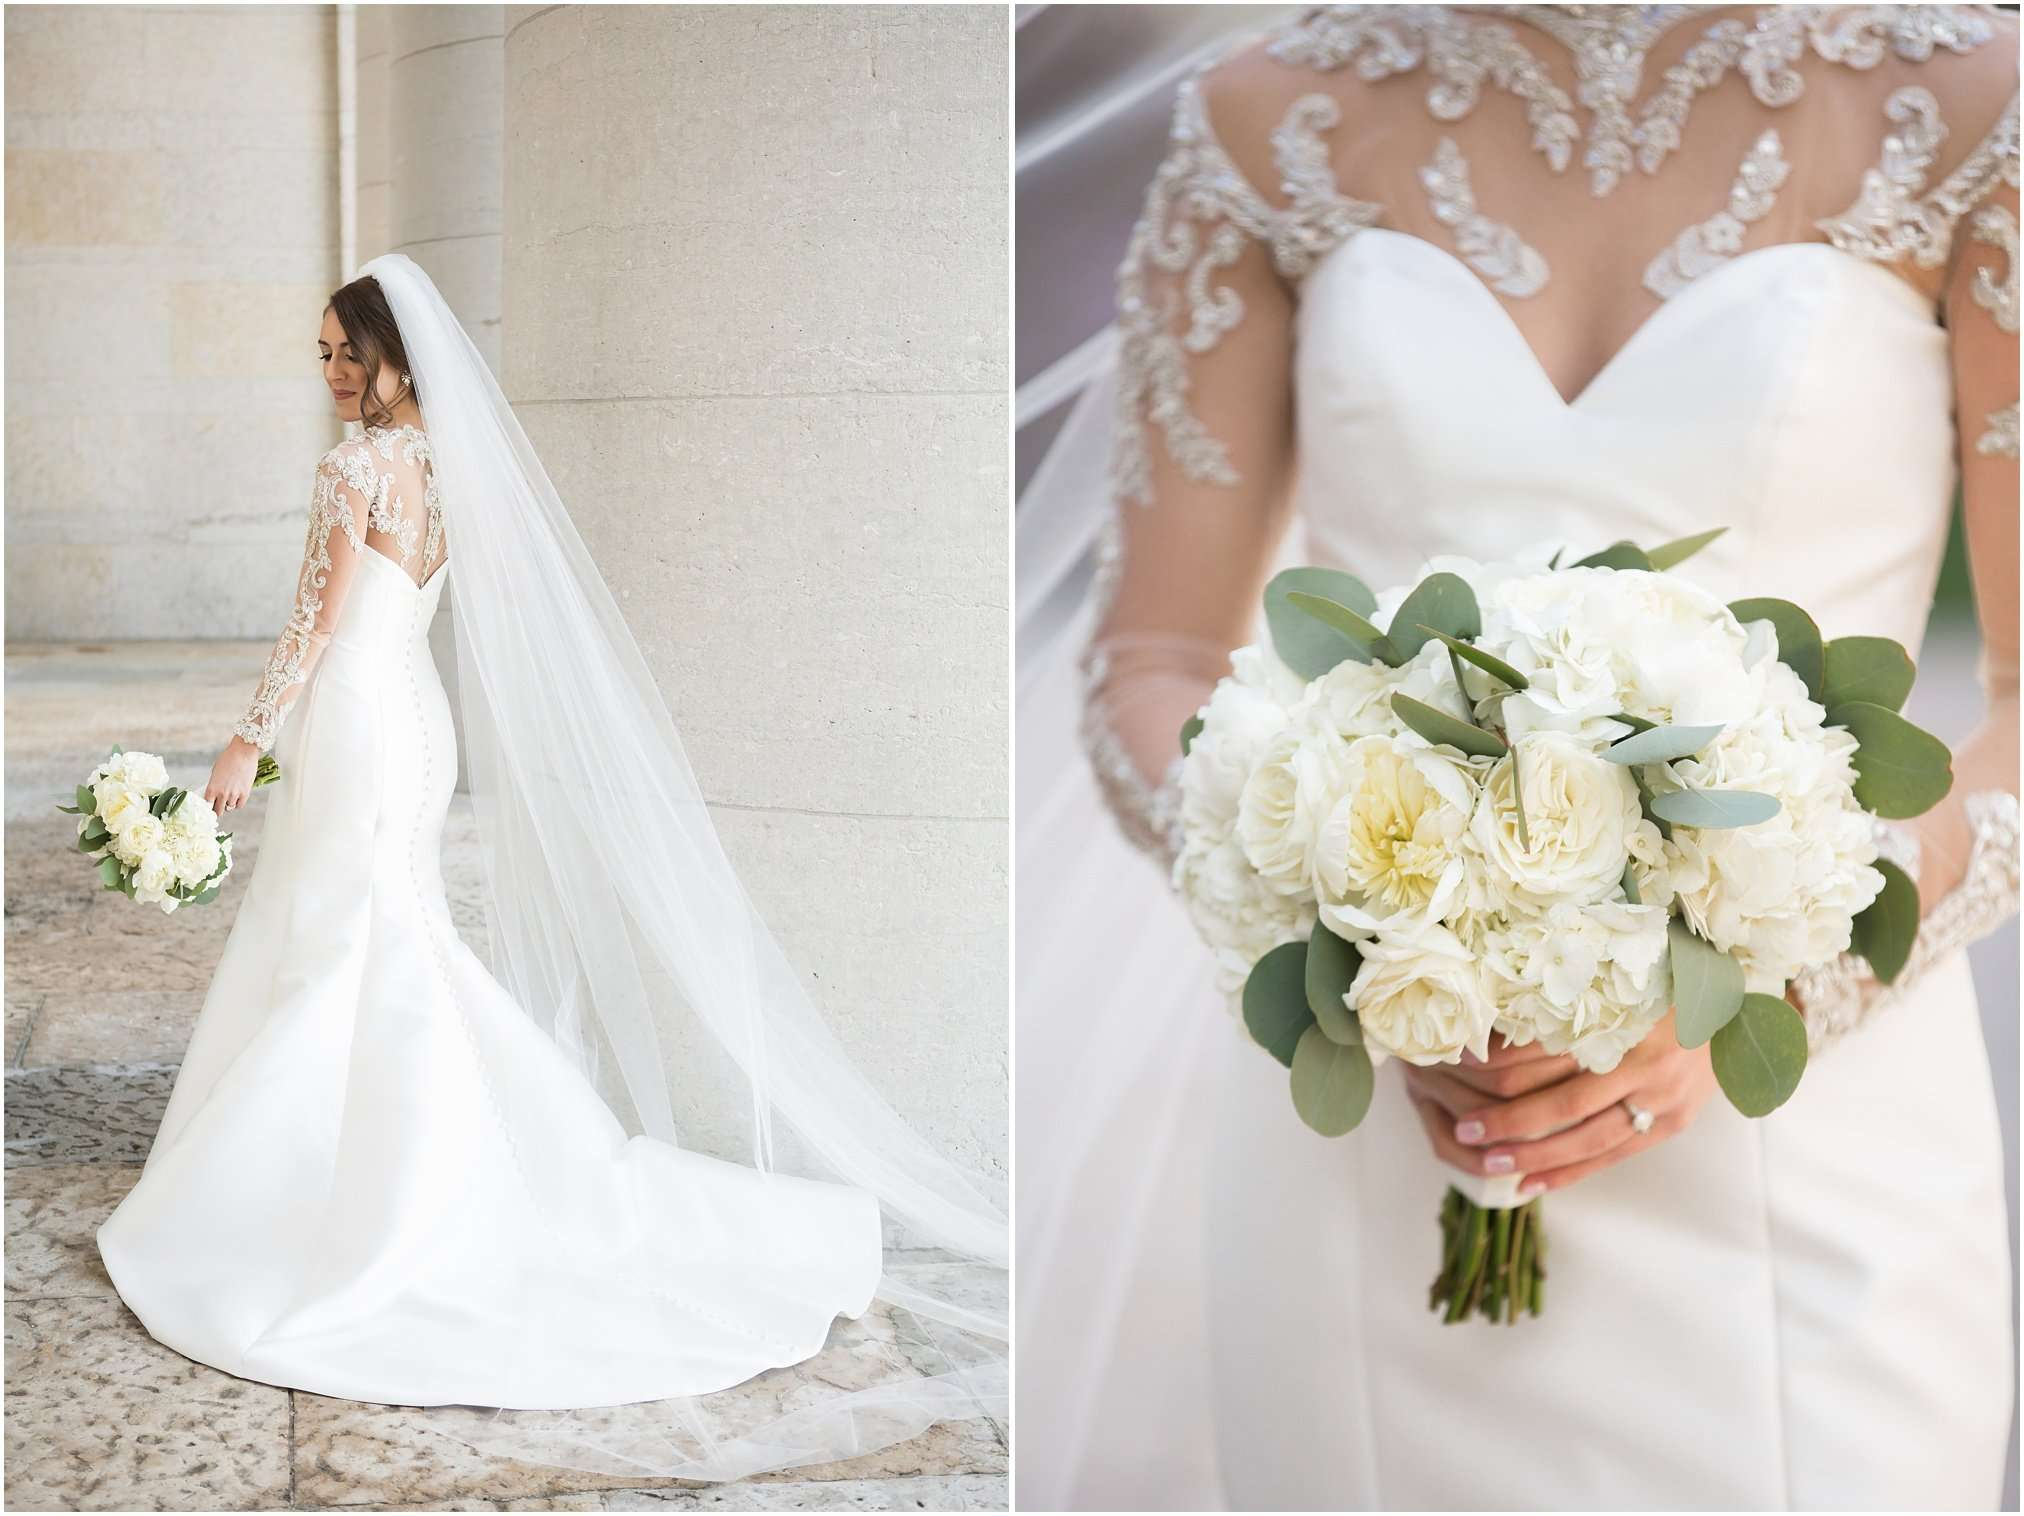 Spring Wedding at the Ohio Statehouse | Columbus Ohio Photography 56